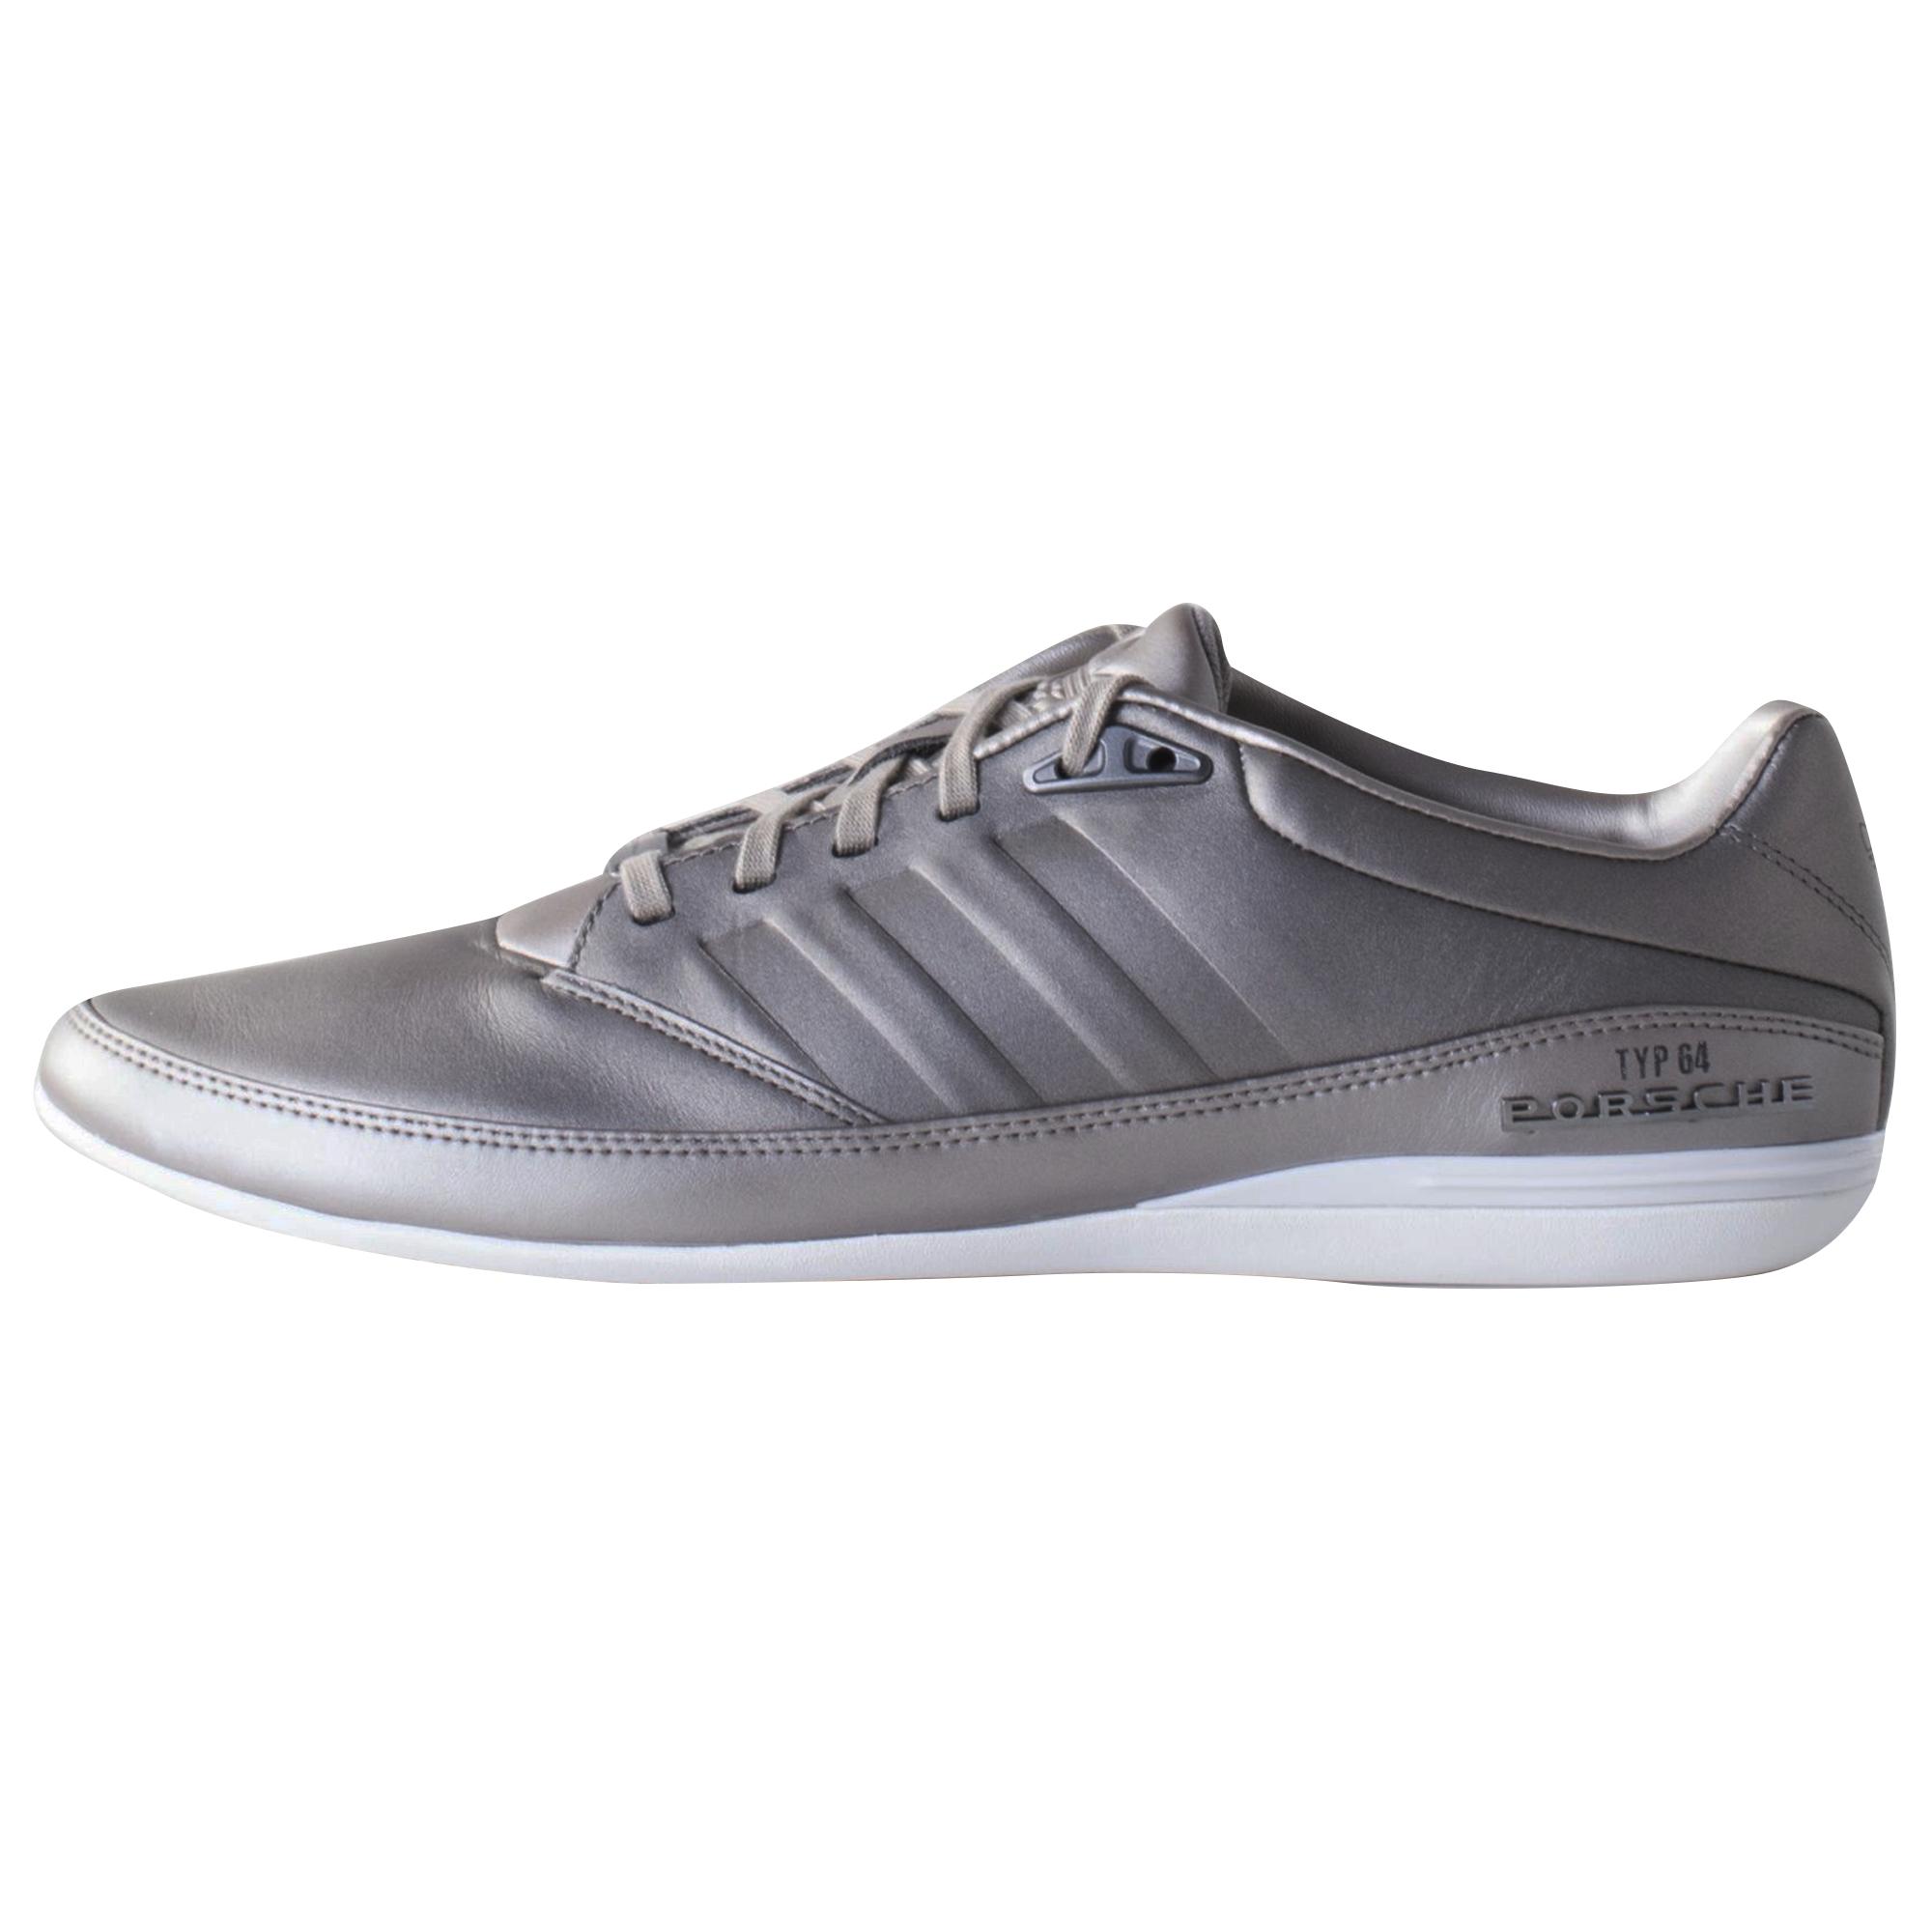 adidas porsche typ 64 2 3 ss16 erkek spor ayakkab s75410. Black Bedroom Furniture Sets. Home Design Ideas